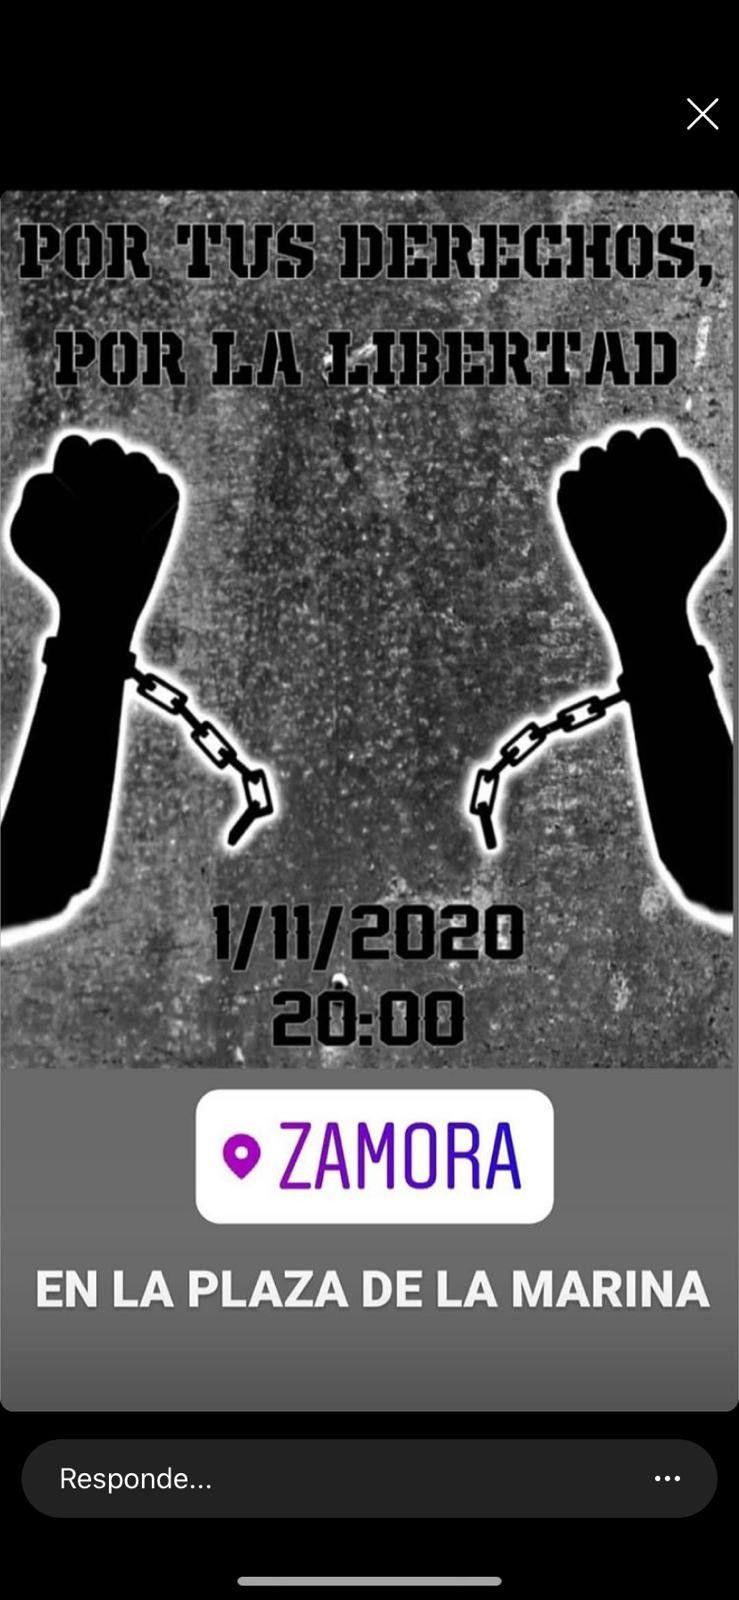 WhatsApp Image 2020 11 01 at 11.59.15